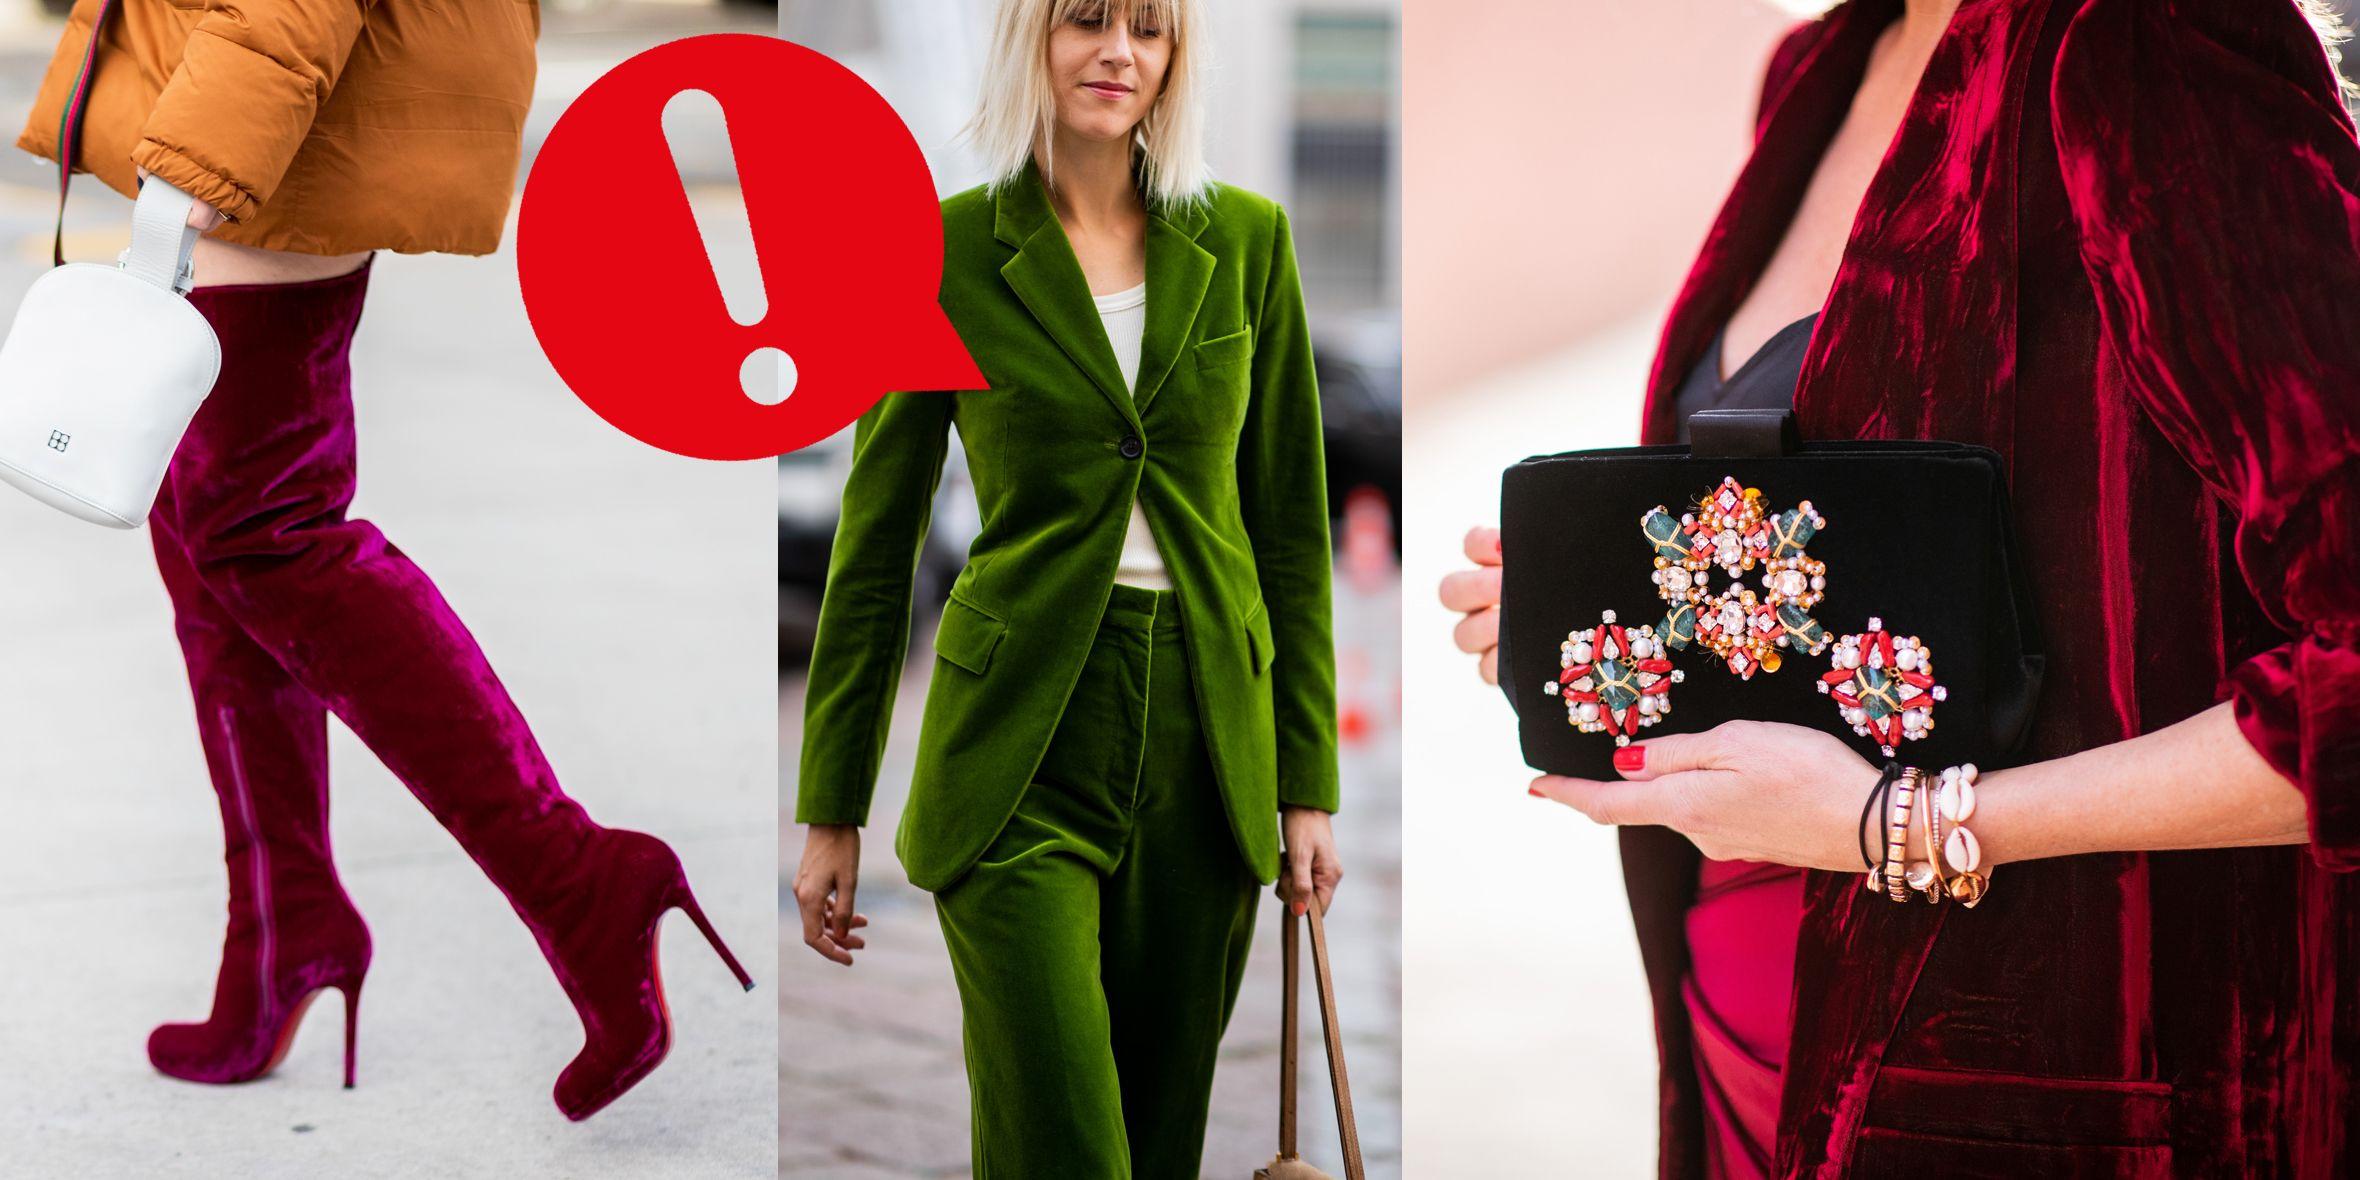 Velluto moda inverno 2019 senza errori negli abbinamenti